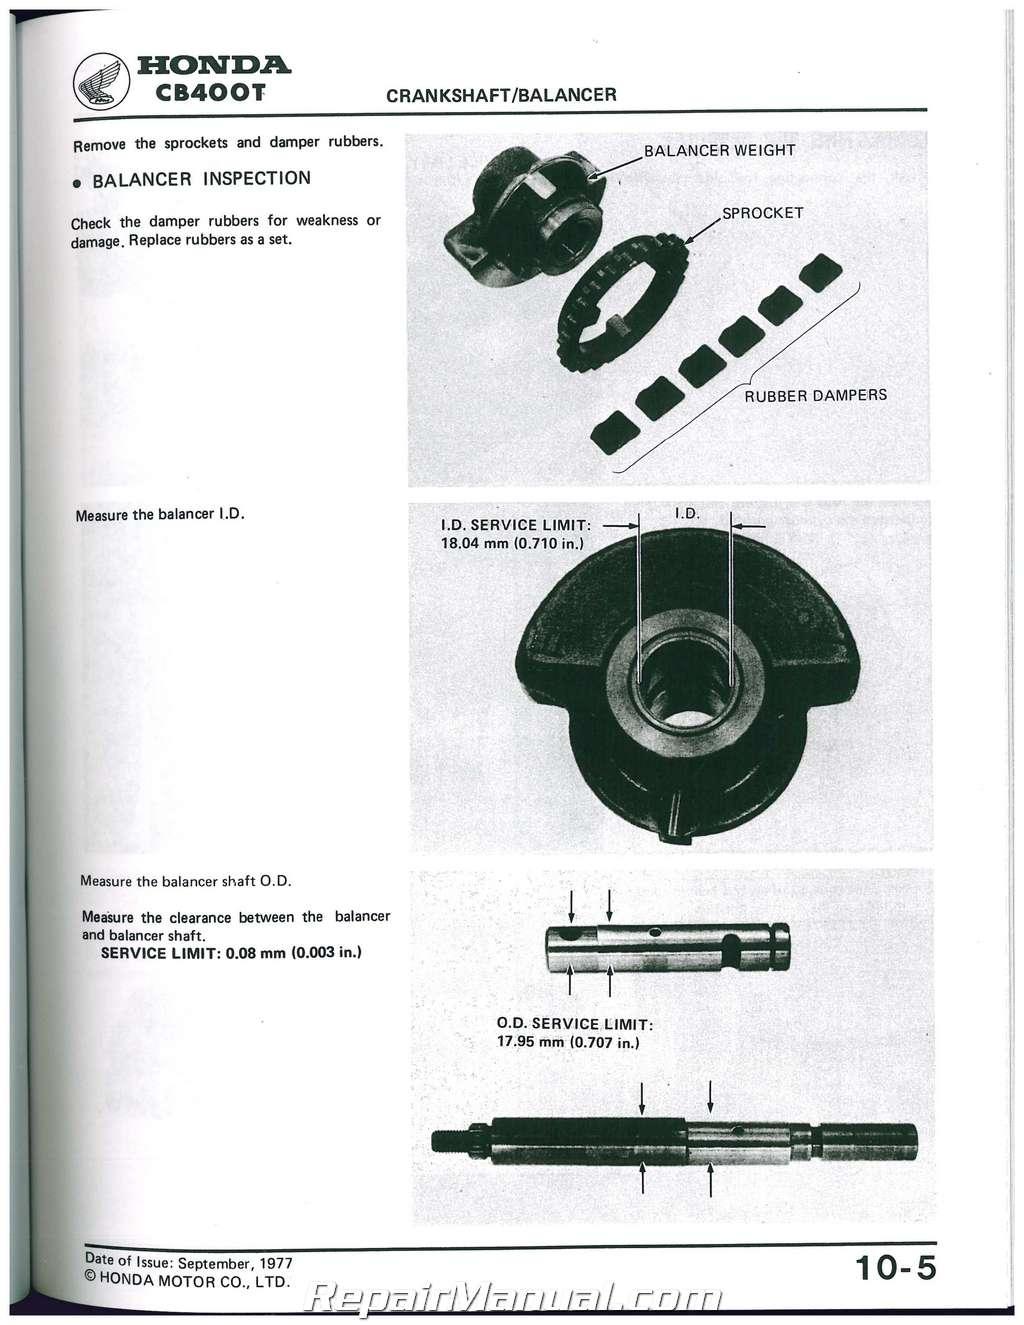 1978 1981 honda cb400 cm400 motorcycle service repair manual rh repairmanual com honda cb400 owners manual honda cb400 repair manual